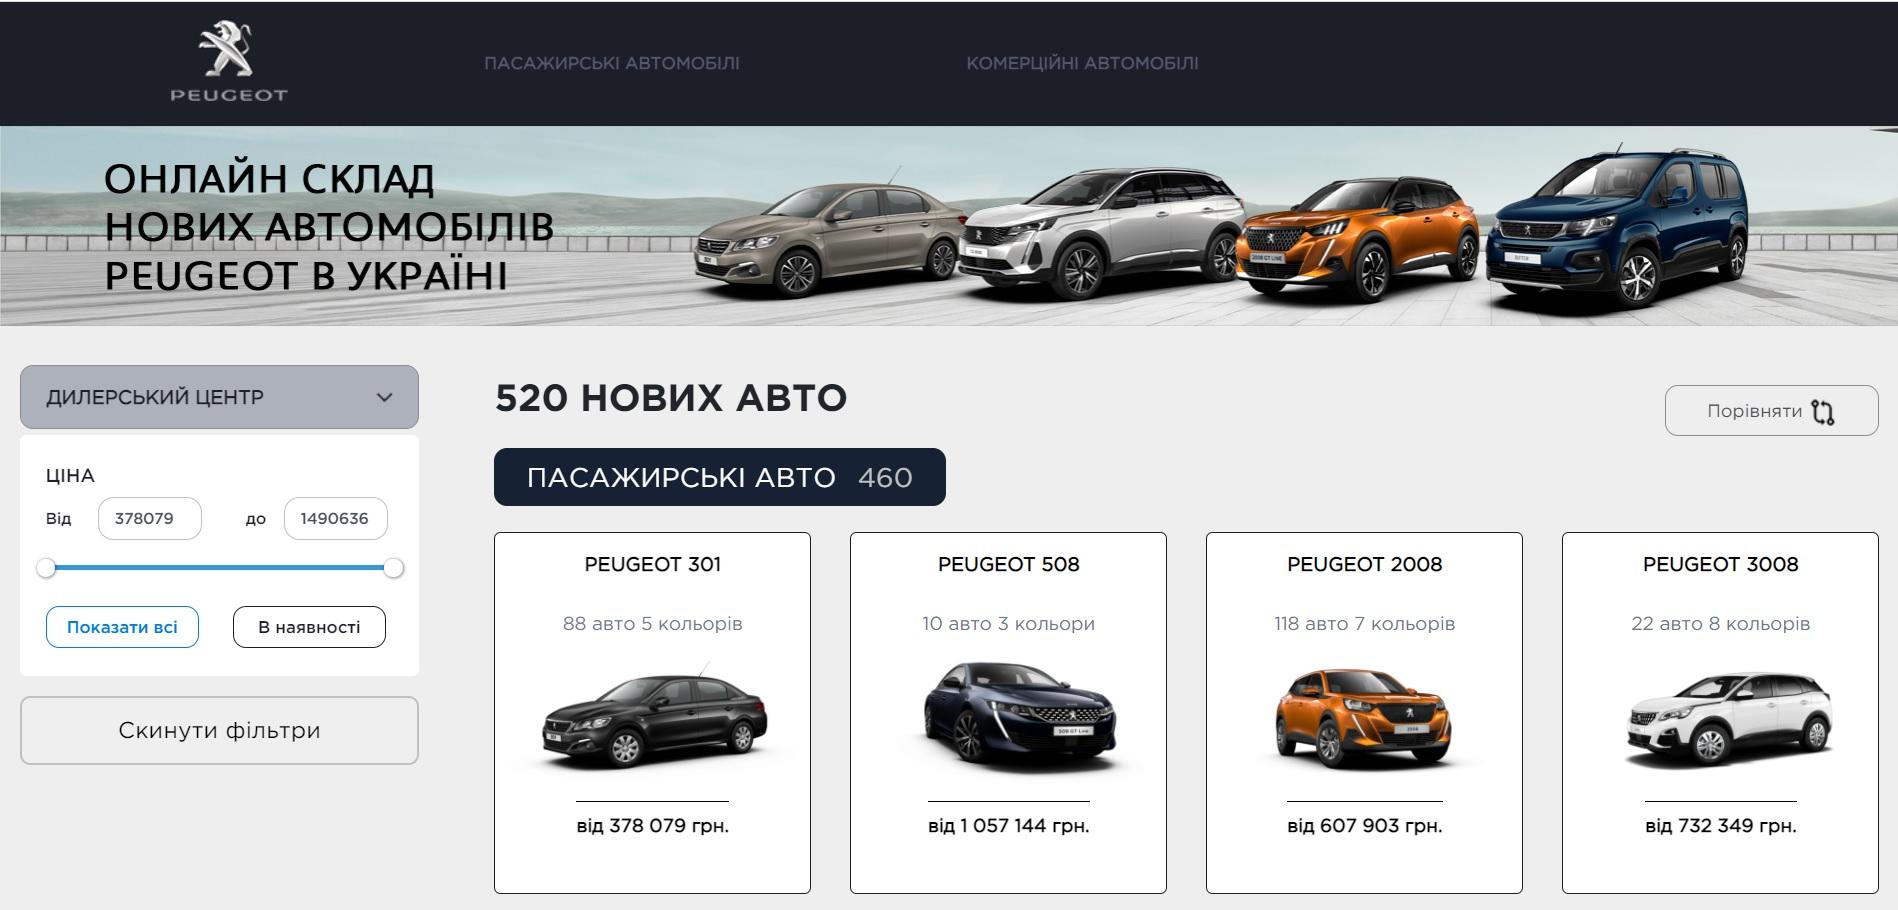 Новый онлайн склад PEUGEOT в Украине